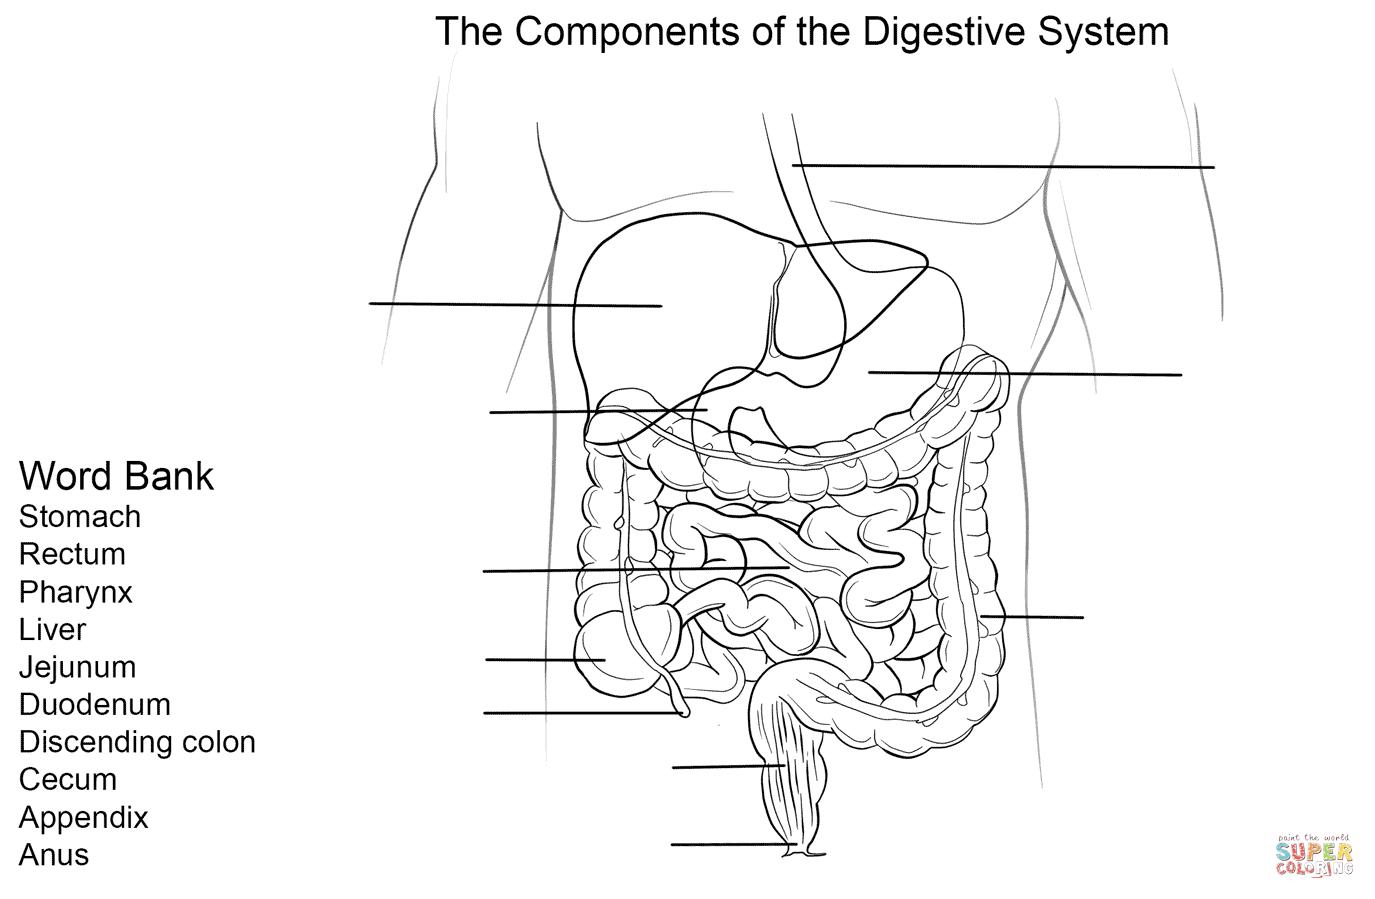 Digestive System Diagram Worksheet Digestive System Coloring Diagram Jaer